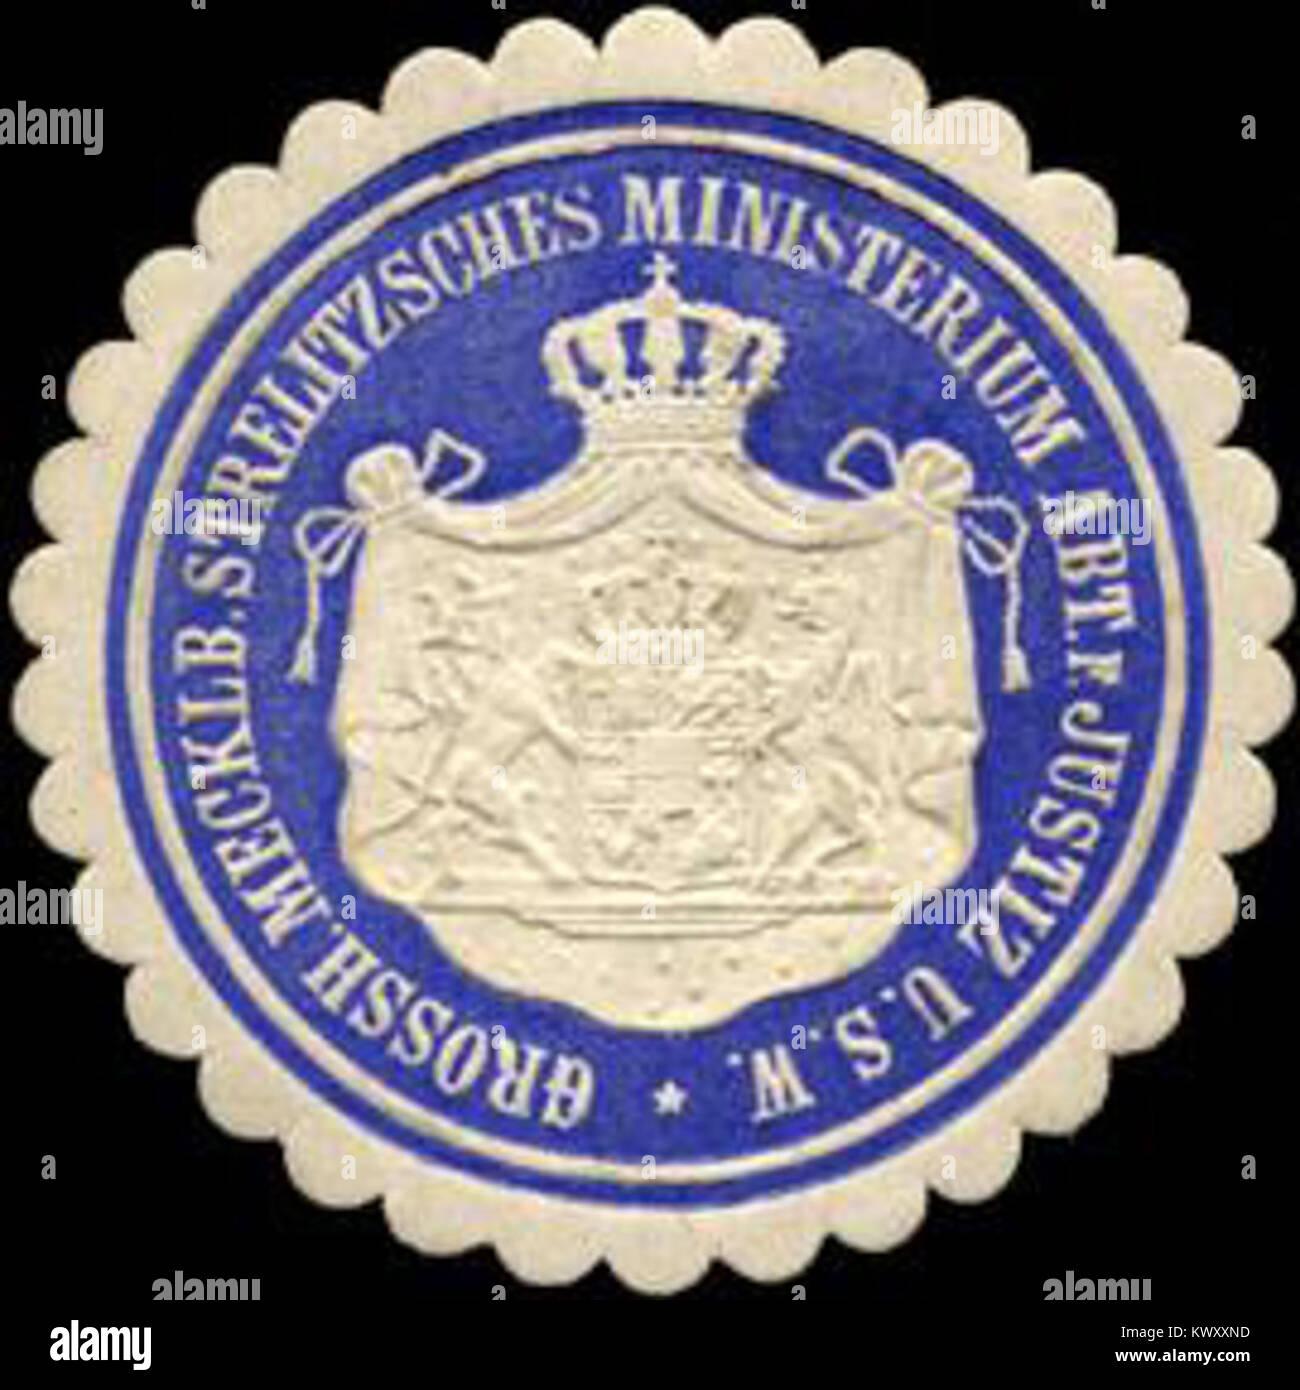 Siegelmarke Grossherzoglich Mecklenburgisch Strelitzsches Ministerium Abteilung für Justiz u. s. w. W0216165 - Stock Image